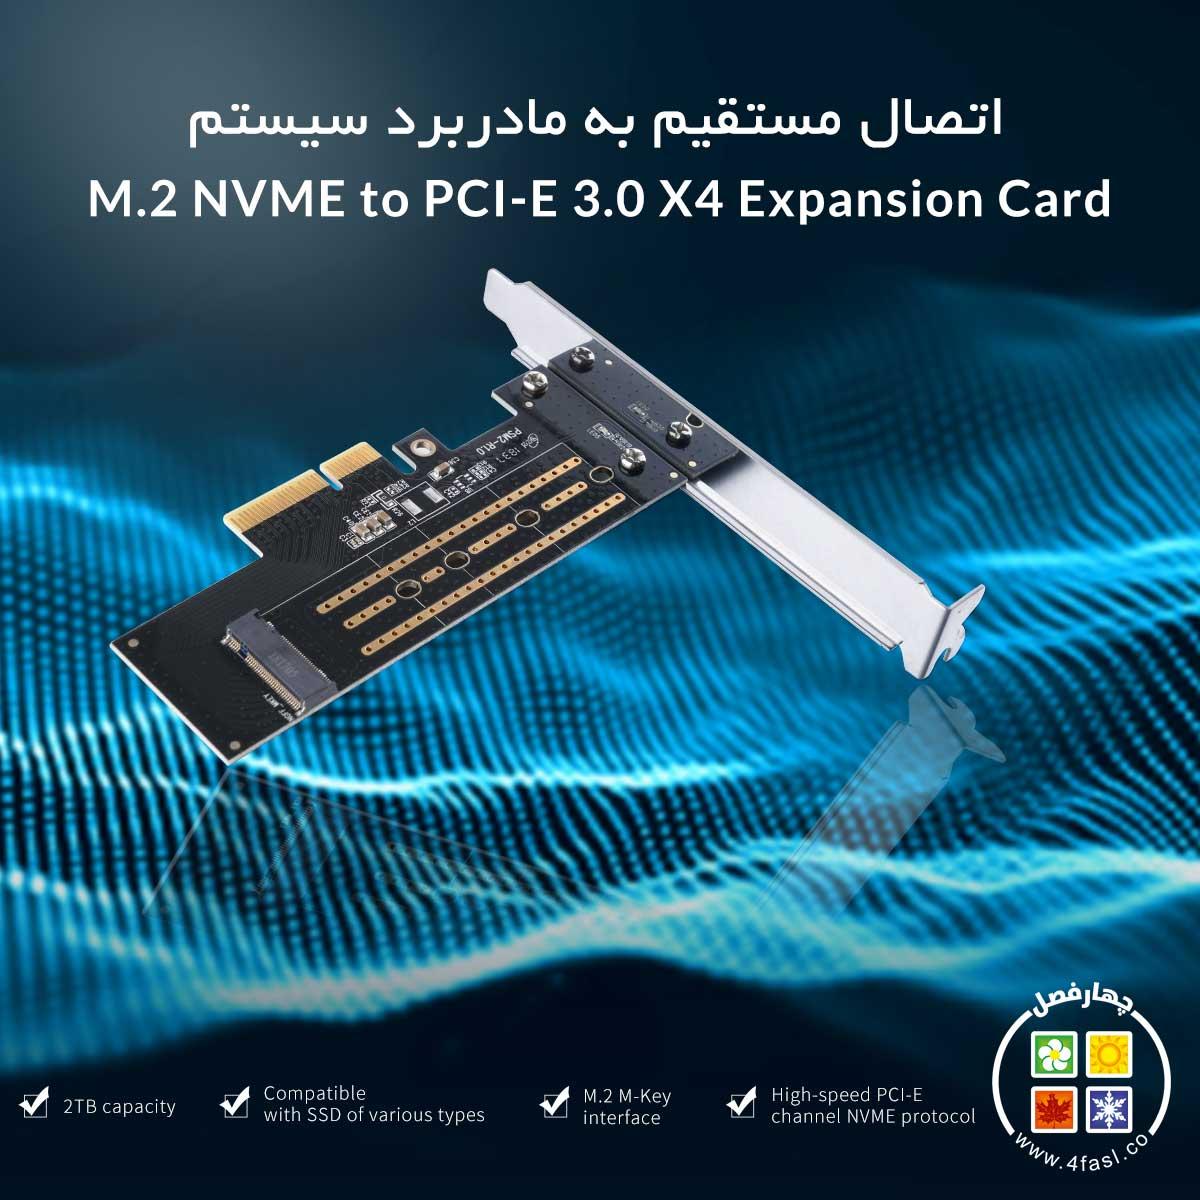 کارت M.2 NVME